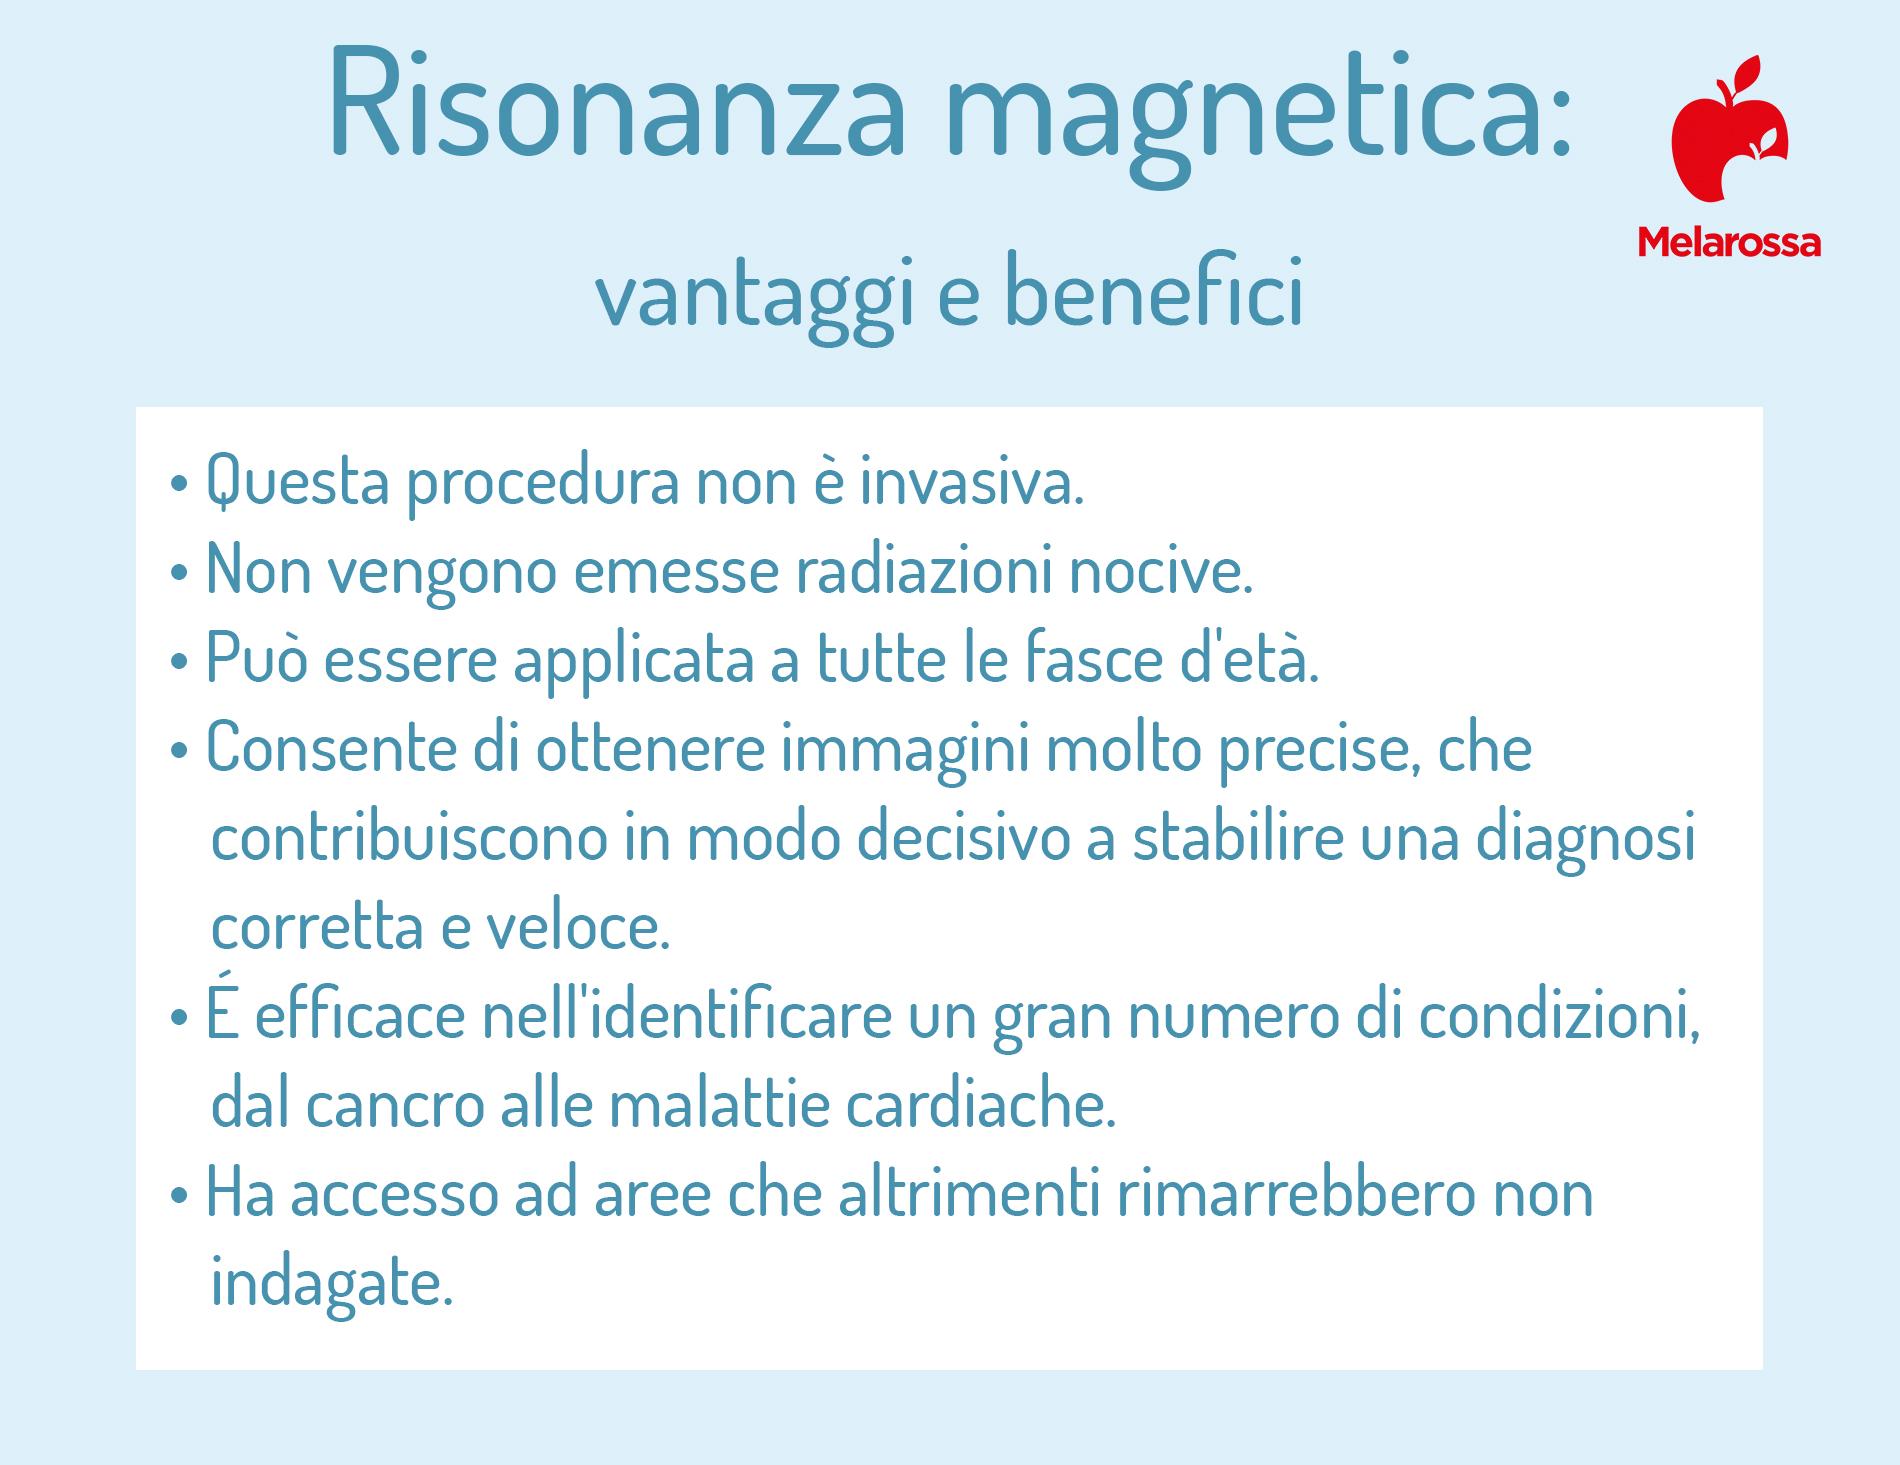 risonanza magnetica: benefici